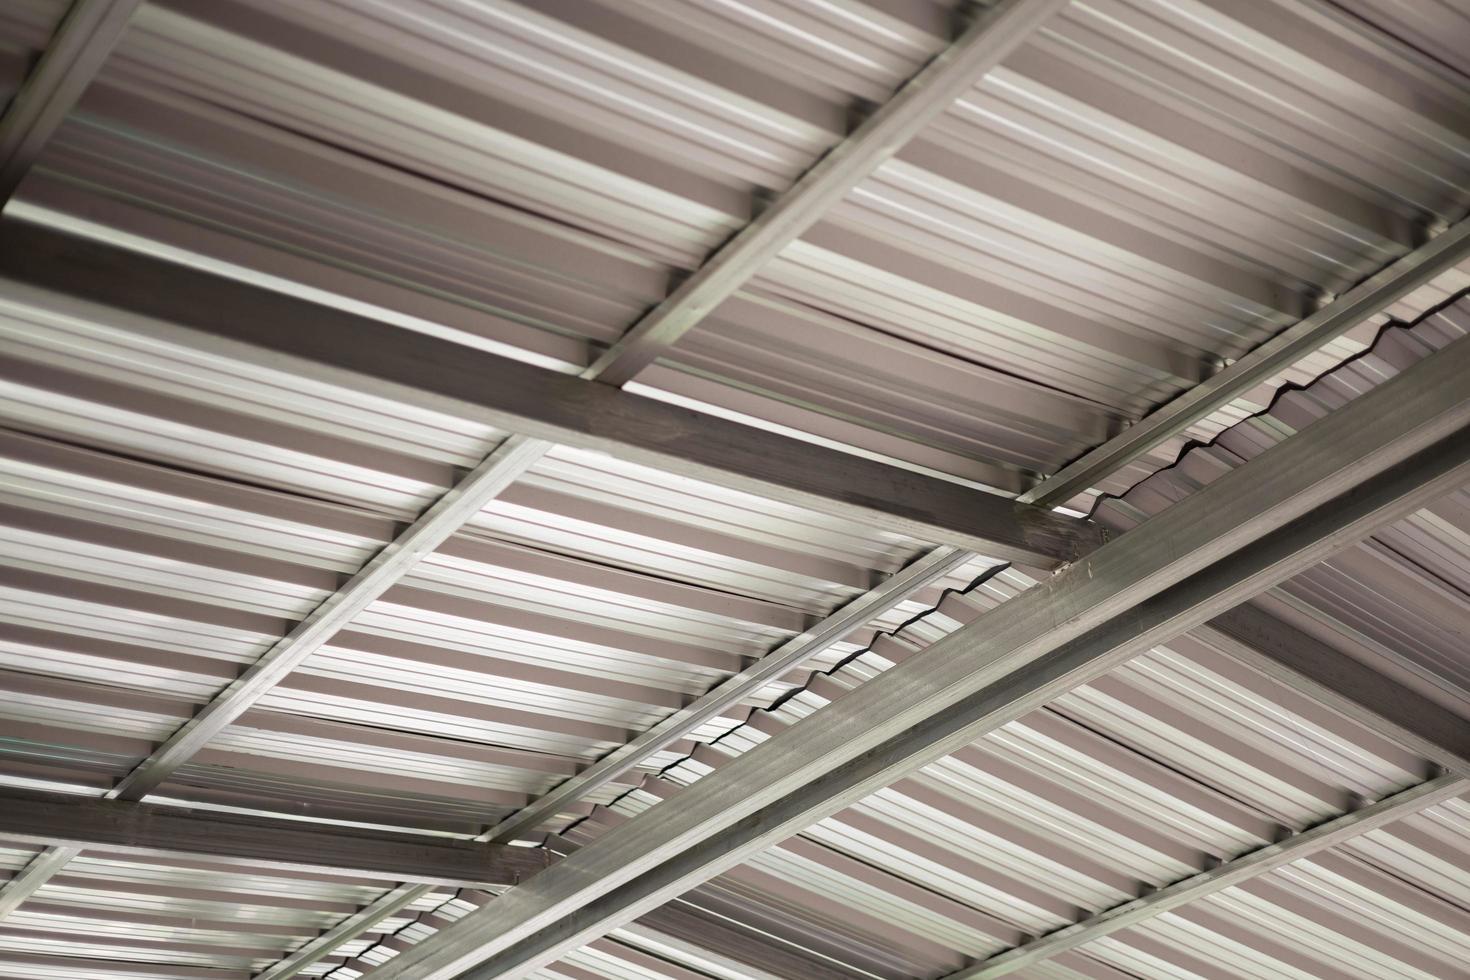 Dach aus Aluminiumblech Industriegebäude Dach foto